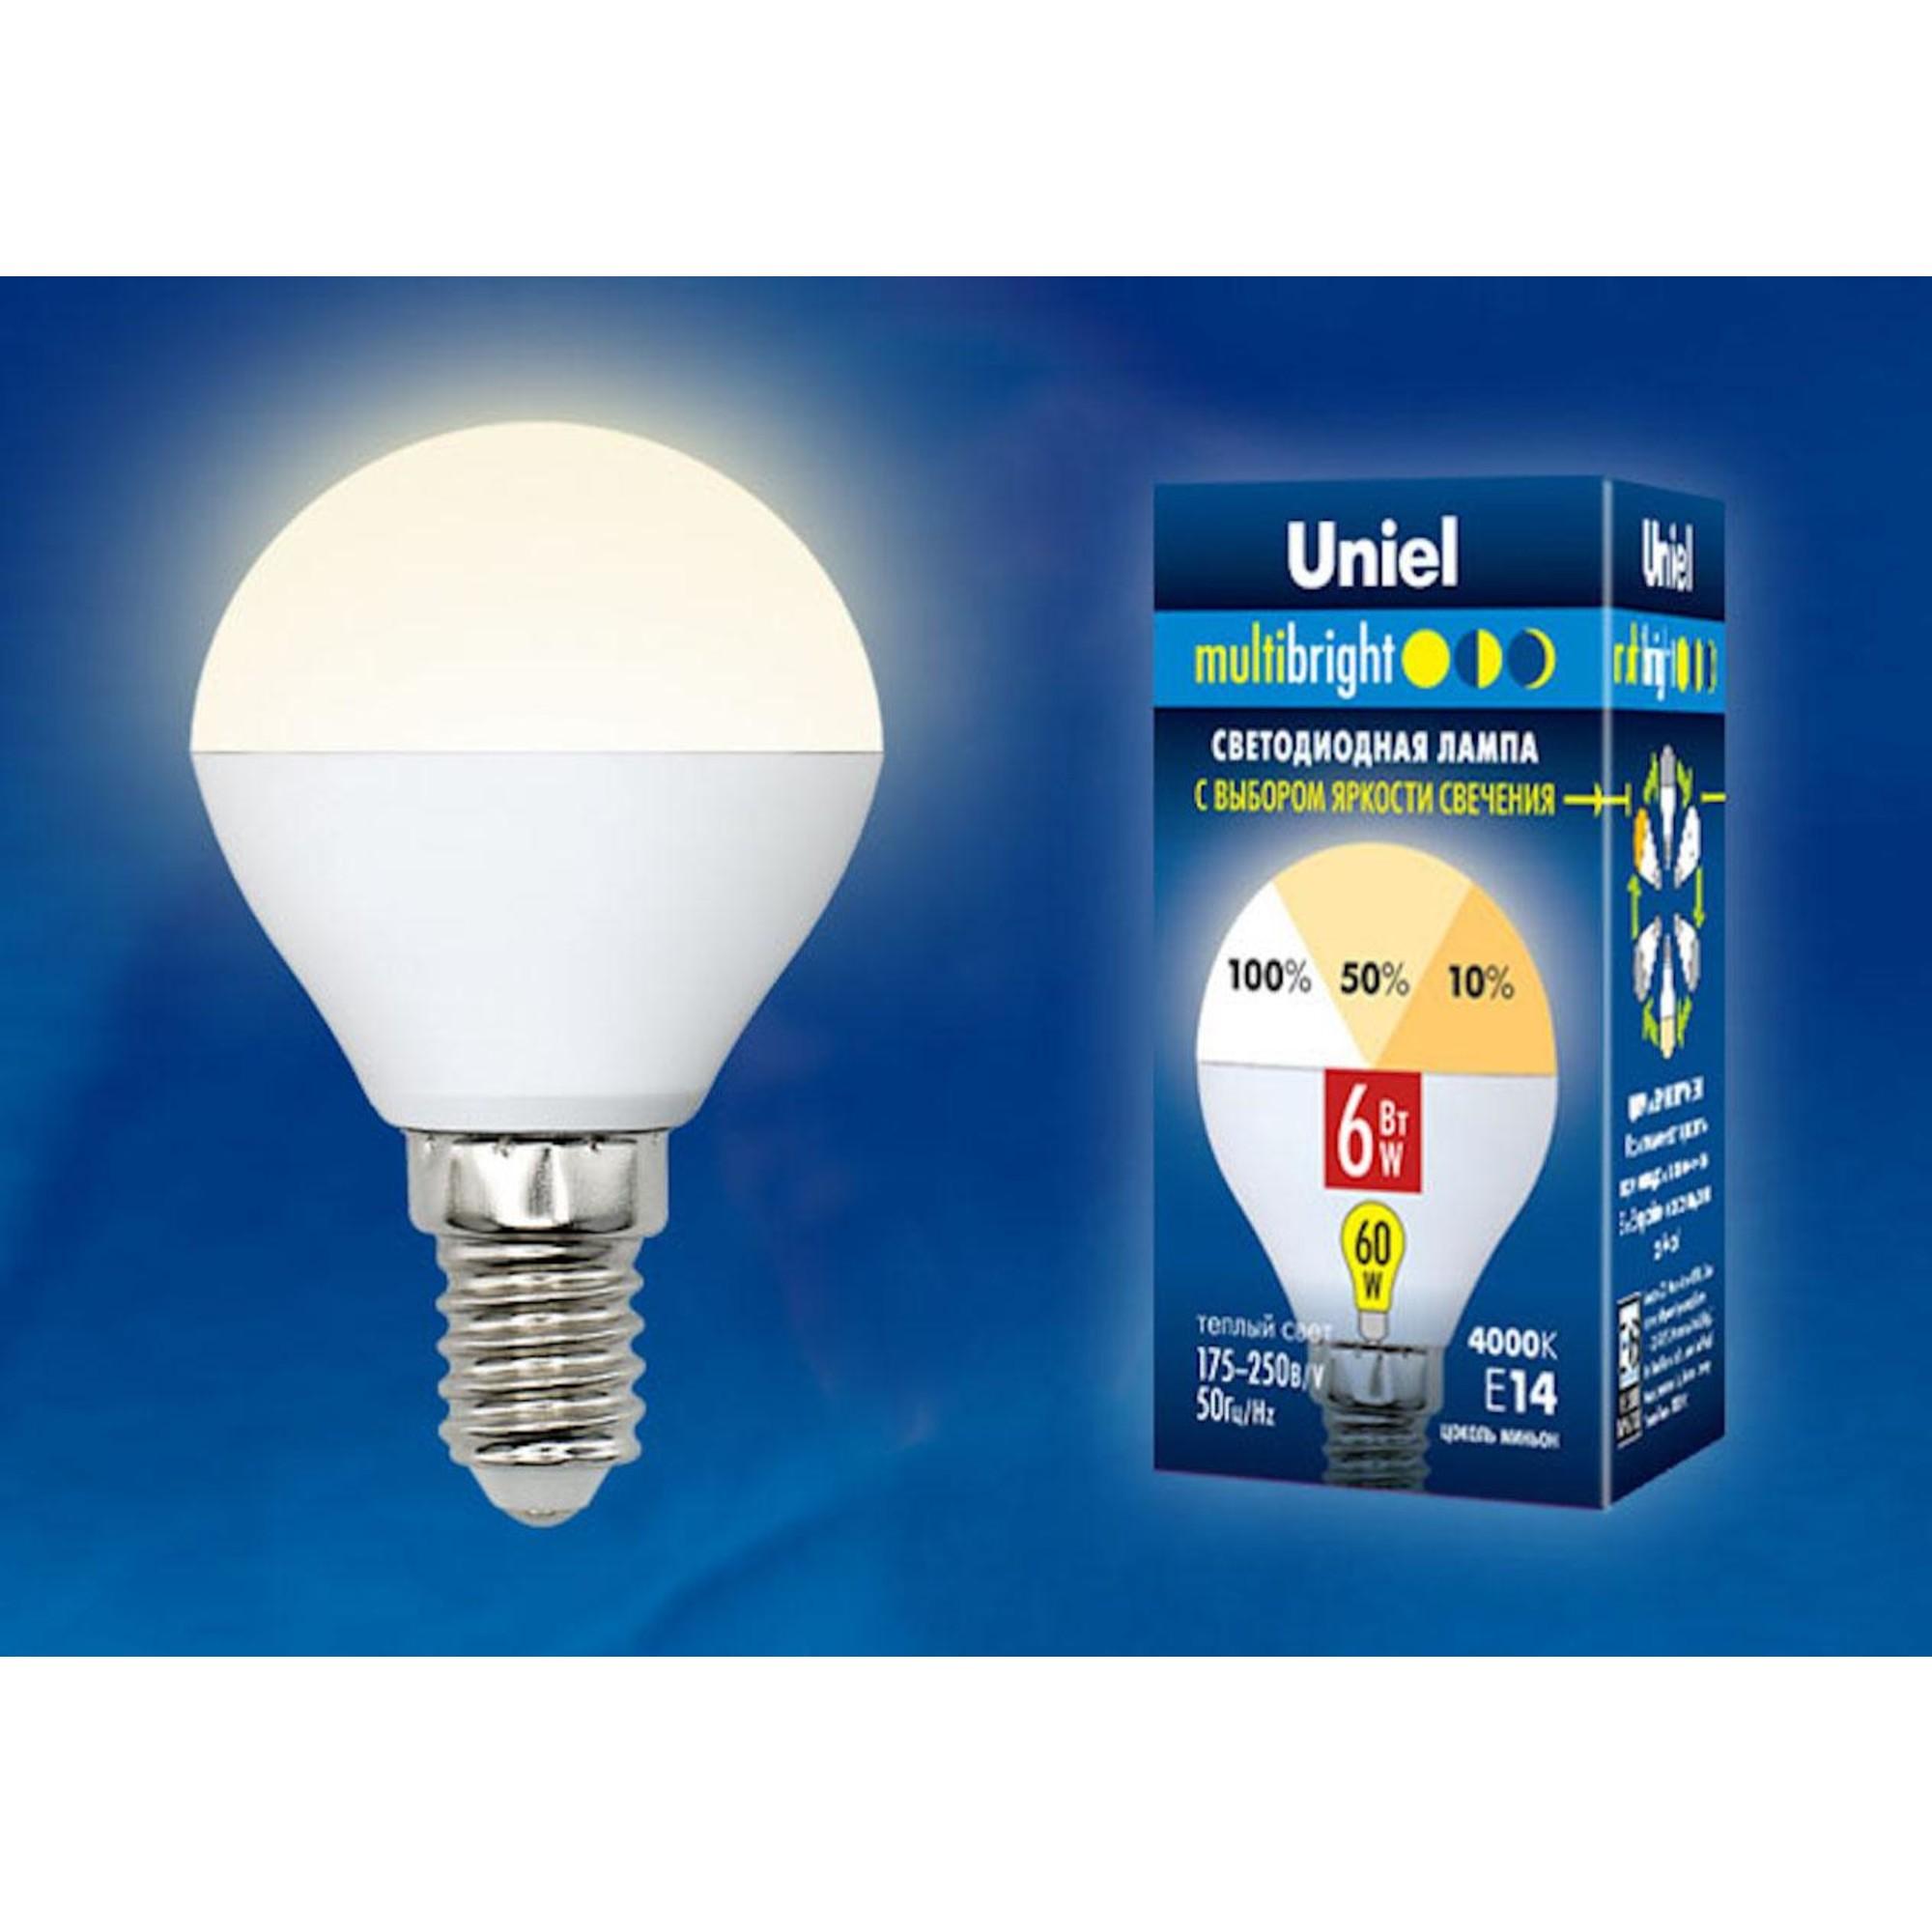 Светодиодная лампочка Uniel LED-G45-6W Multibright UL-00002375